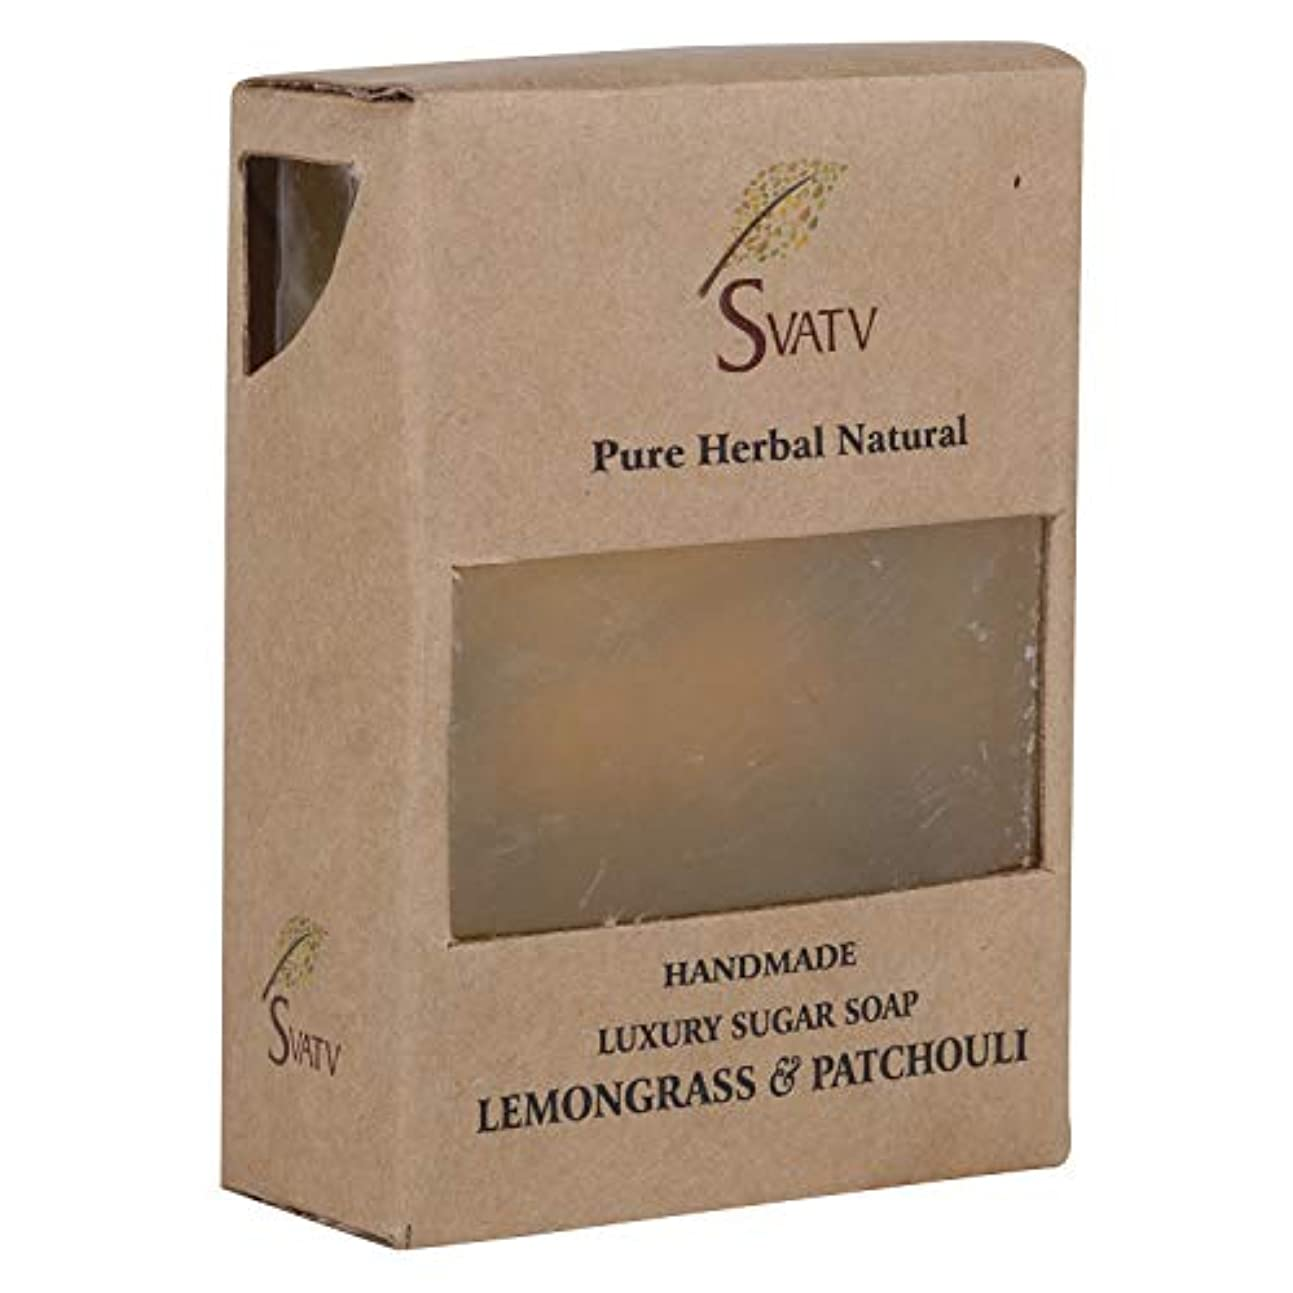 静脈ありそう夫SVATV Handmade Luxury Sugar Soap Lemongrass & Patchouli For All Skin types 100g Bar